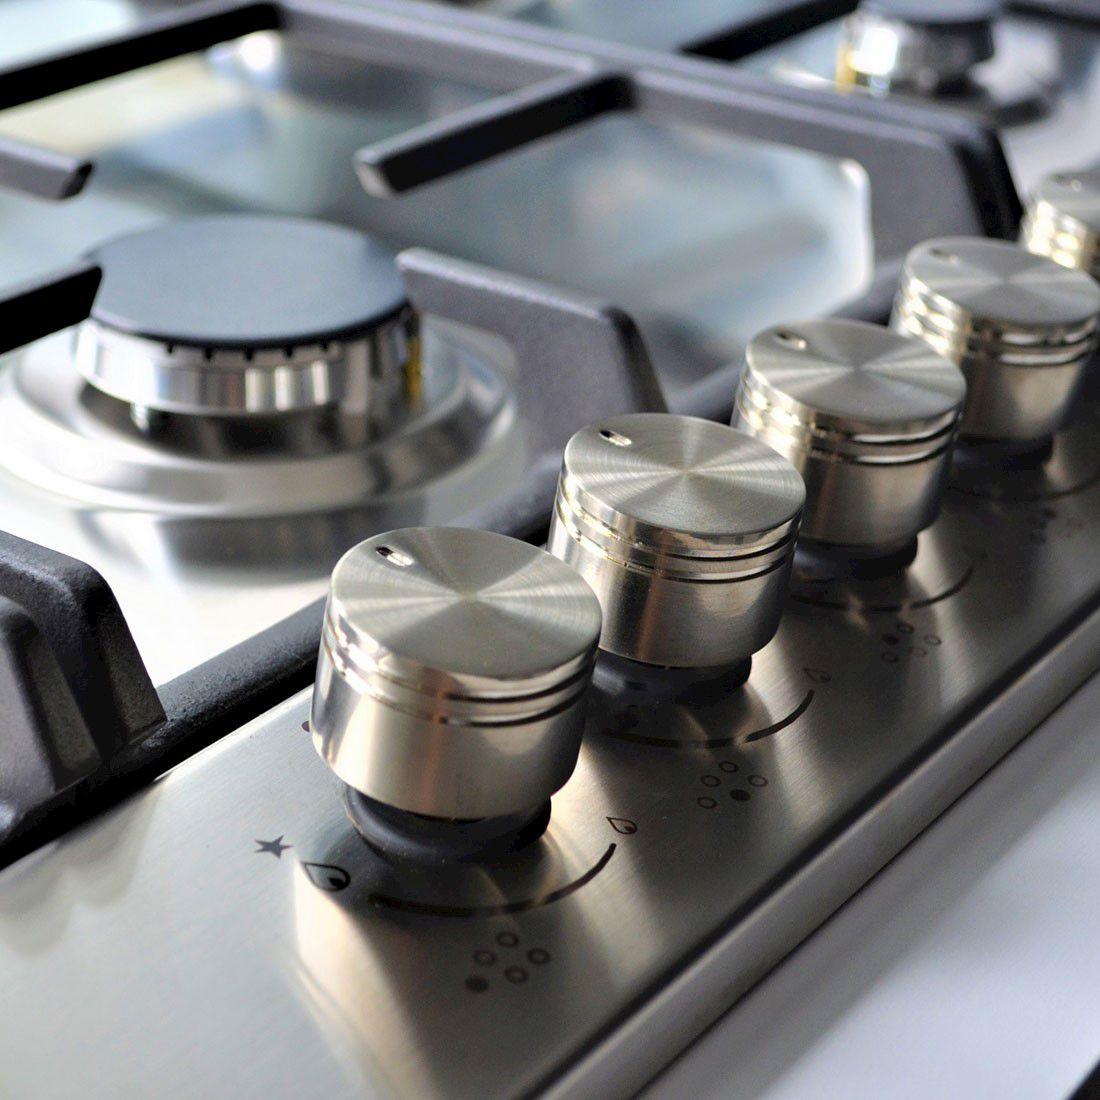 Cooktop Artigiano Elanto Semiprofissional a Gás 5 Bocas Inox 91cm 220V